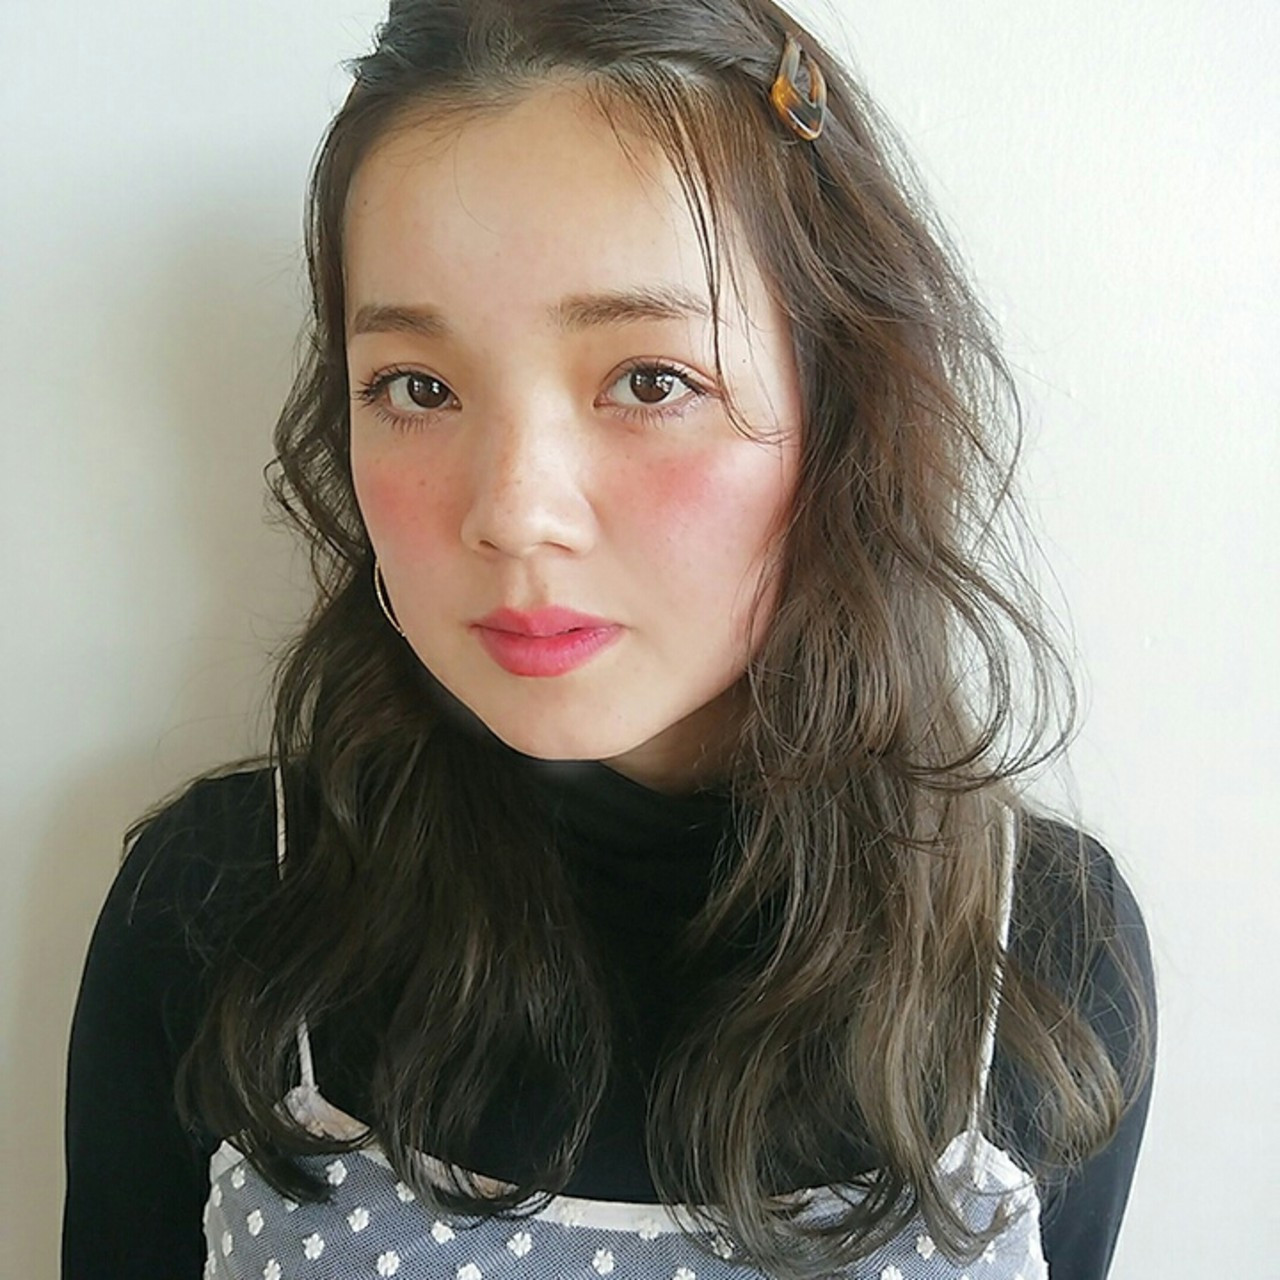 ゆるふわ こなれ感 外国人風 大人かわいい ヘアスタイルや髪型の写真・画像